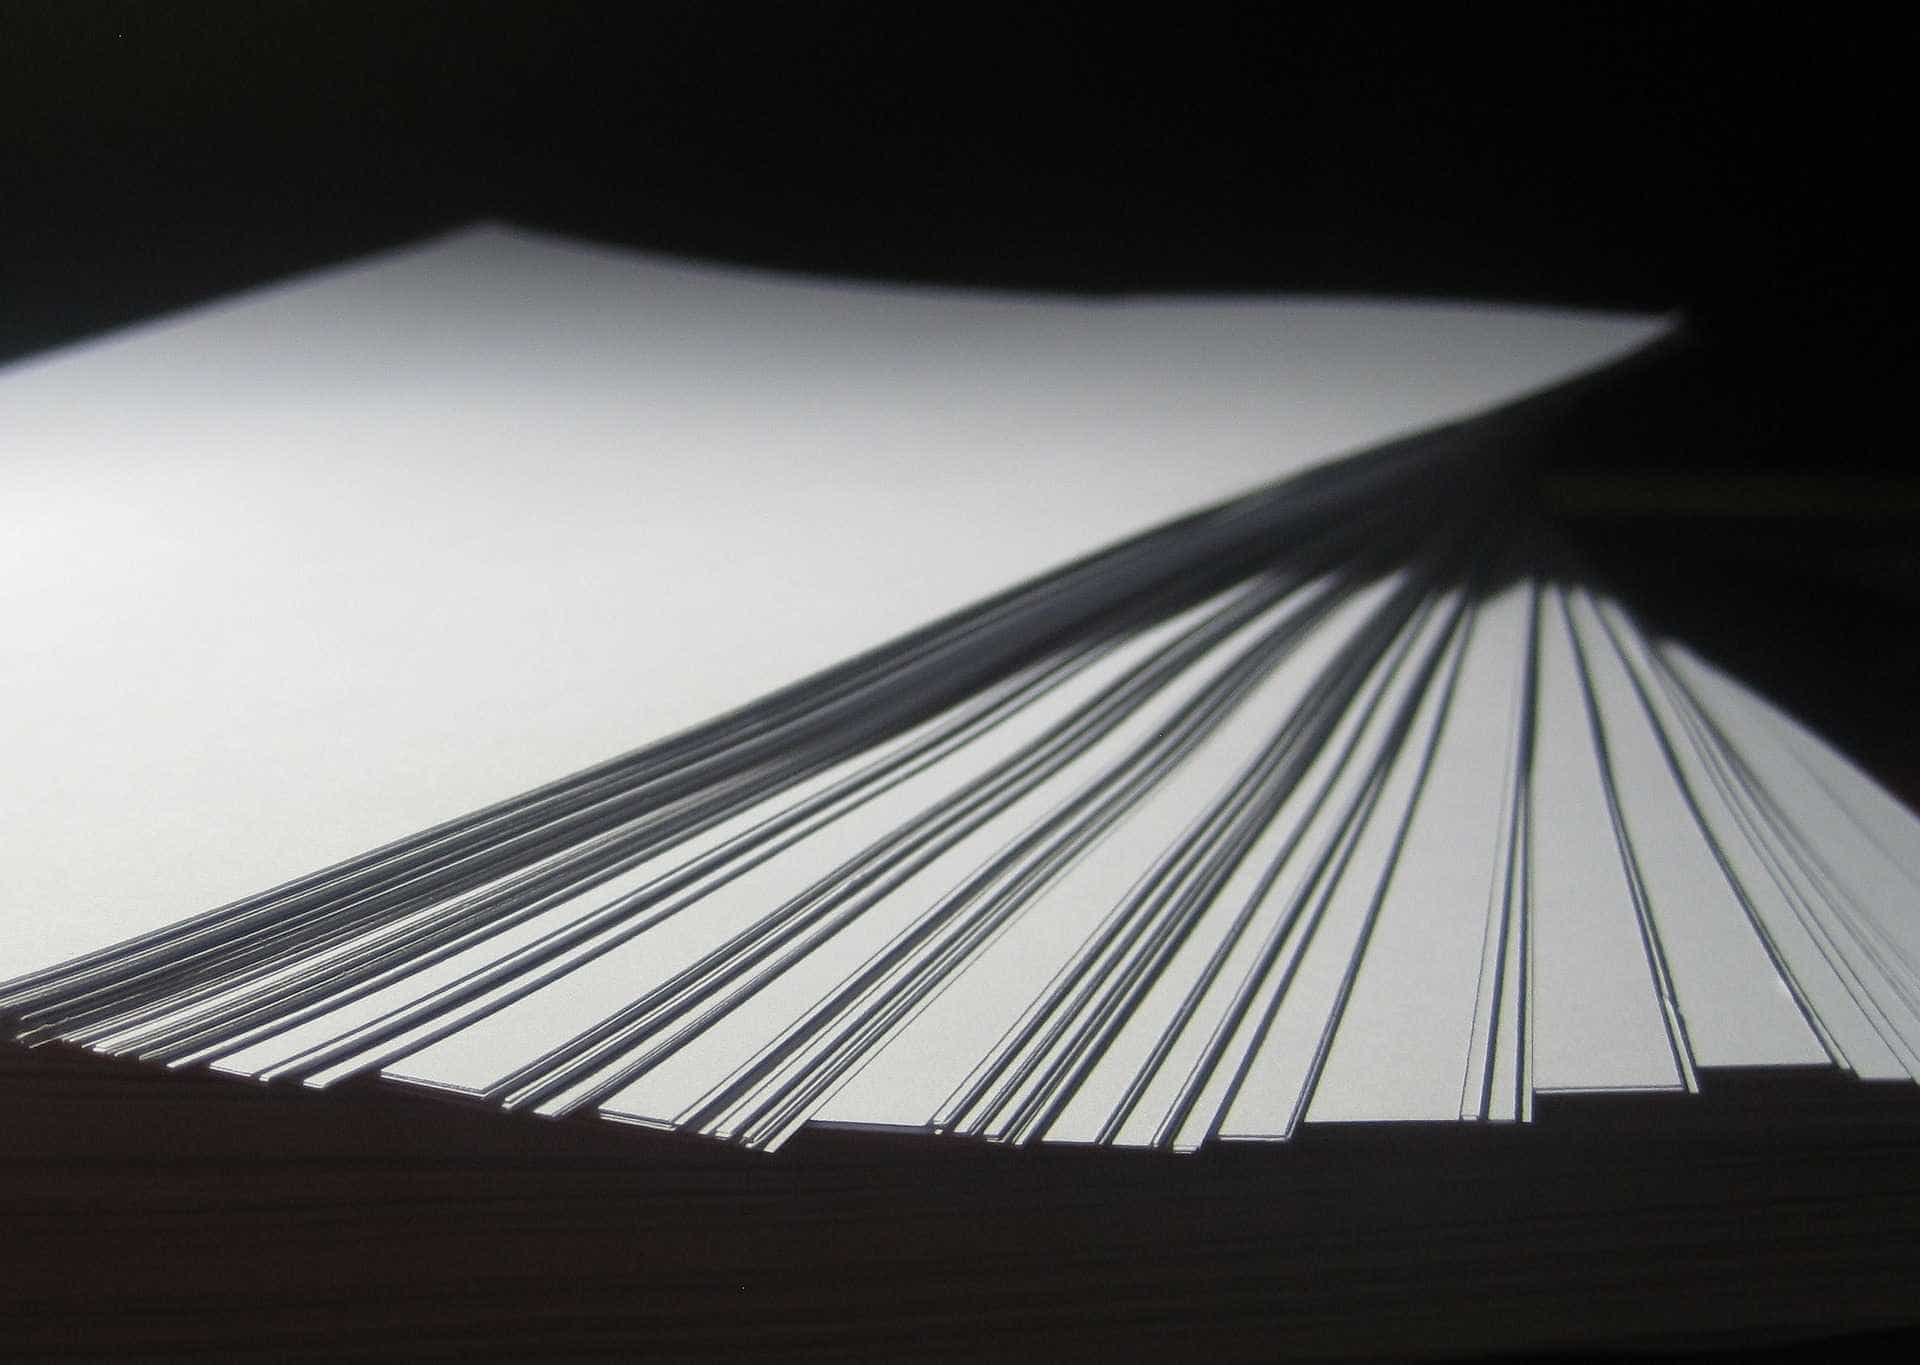 Fatura sem papel? Consumidor tem de ter uma prova, diz a DECO